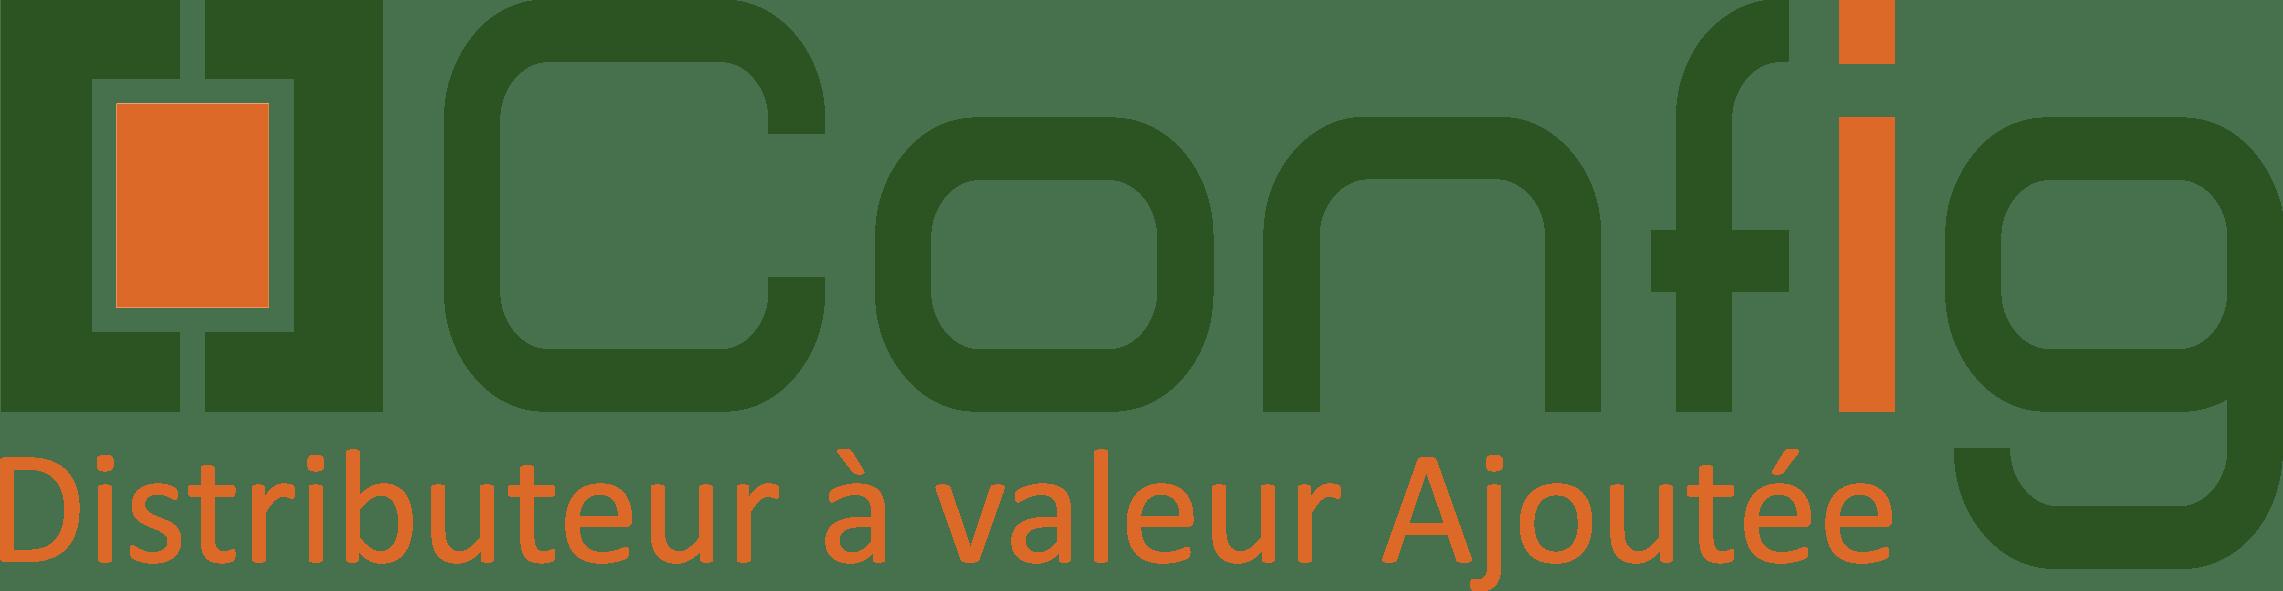 Distributeurs - Logo de notre client distributeur Config